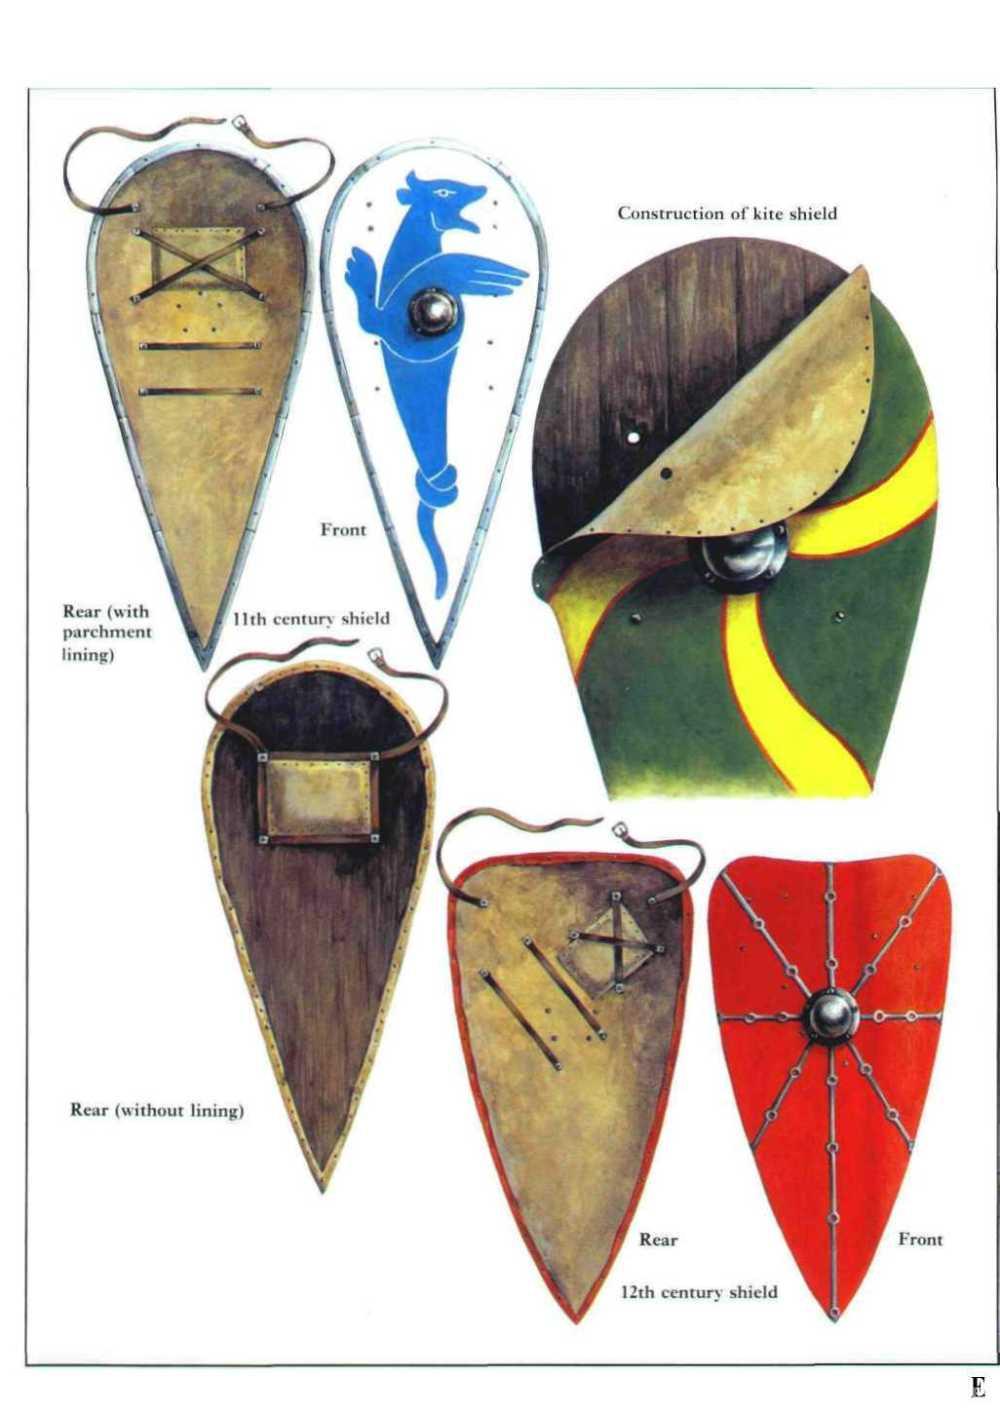 各种不同的风筝盾与三角盾(更后期出现)